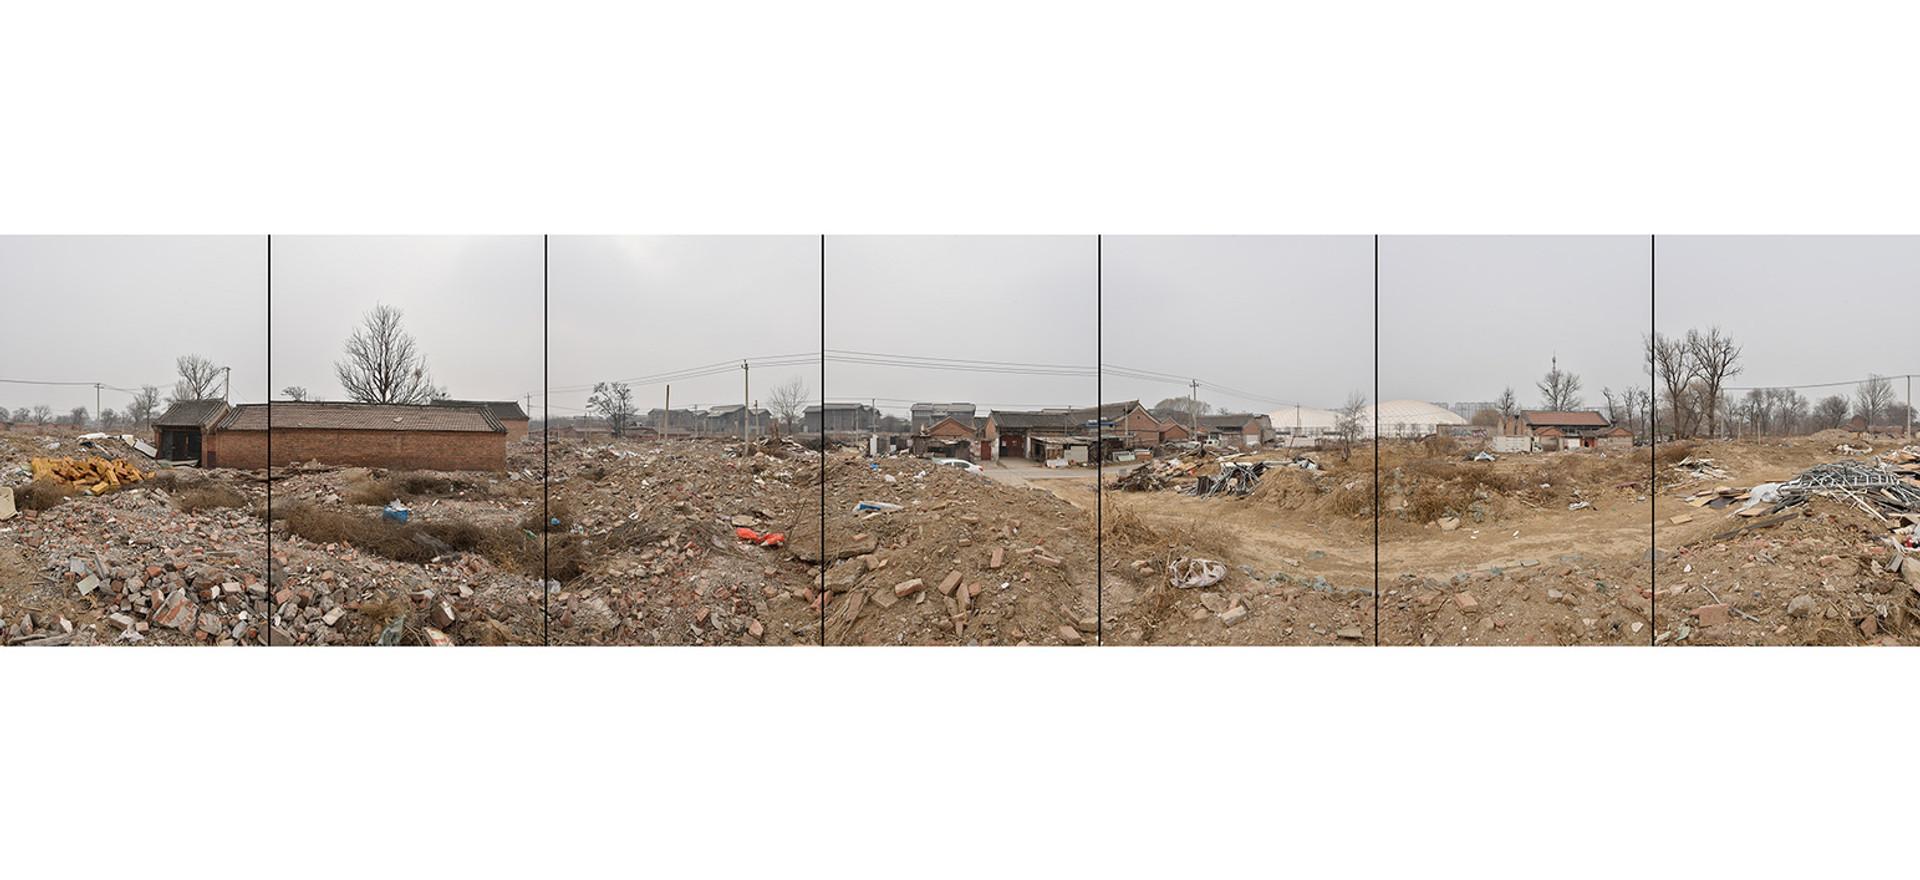 北京废墟18.jpg